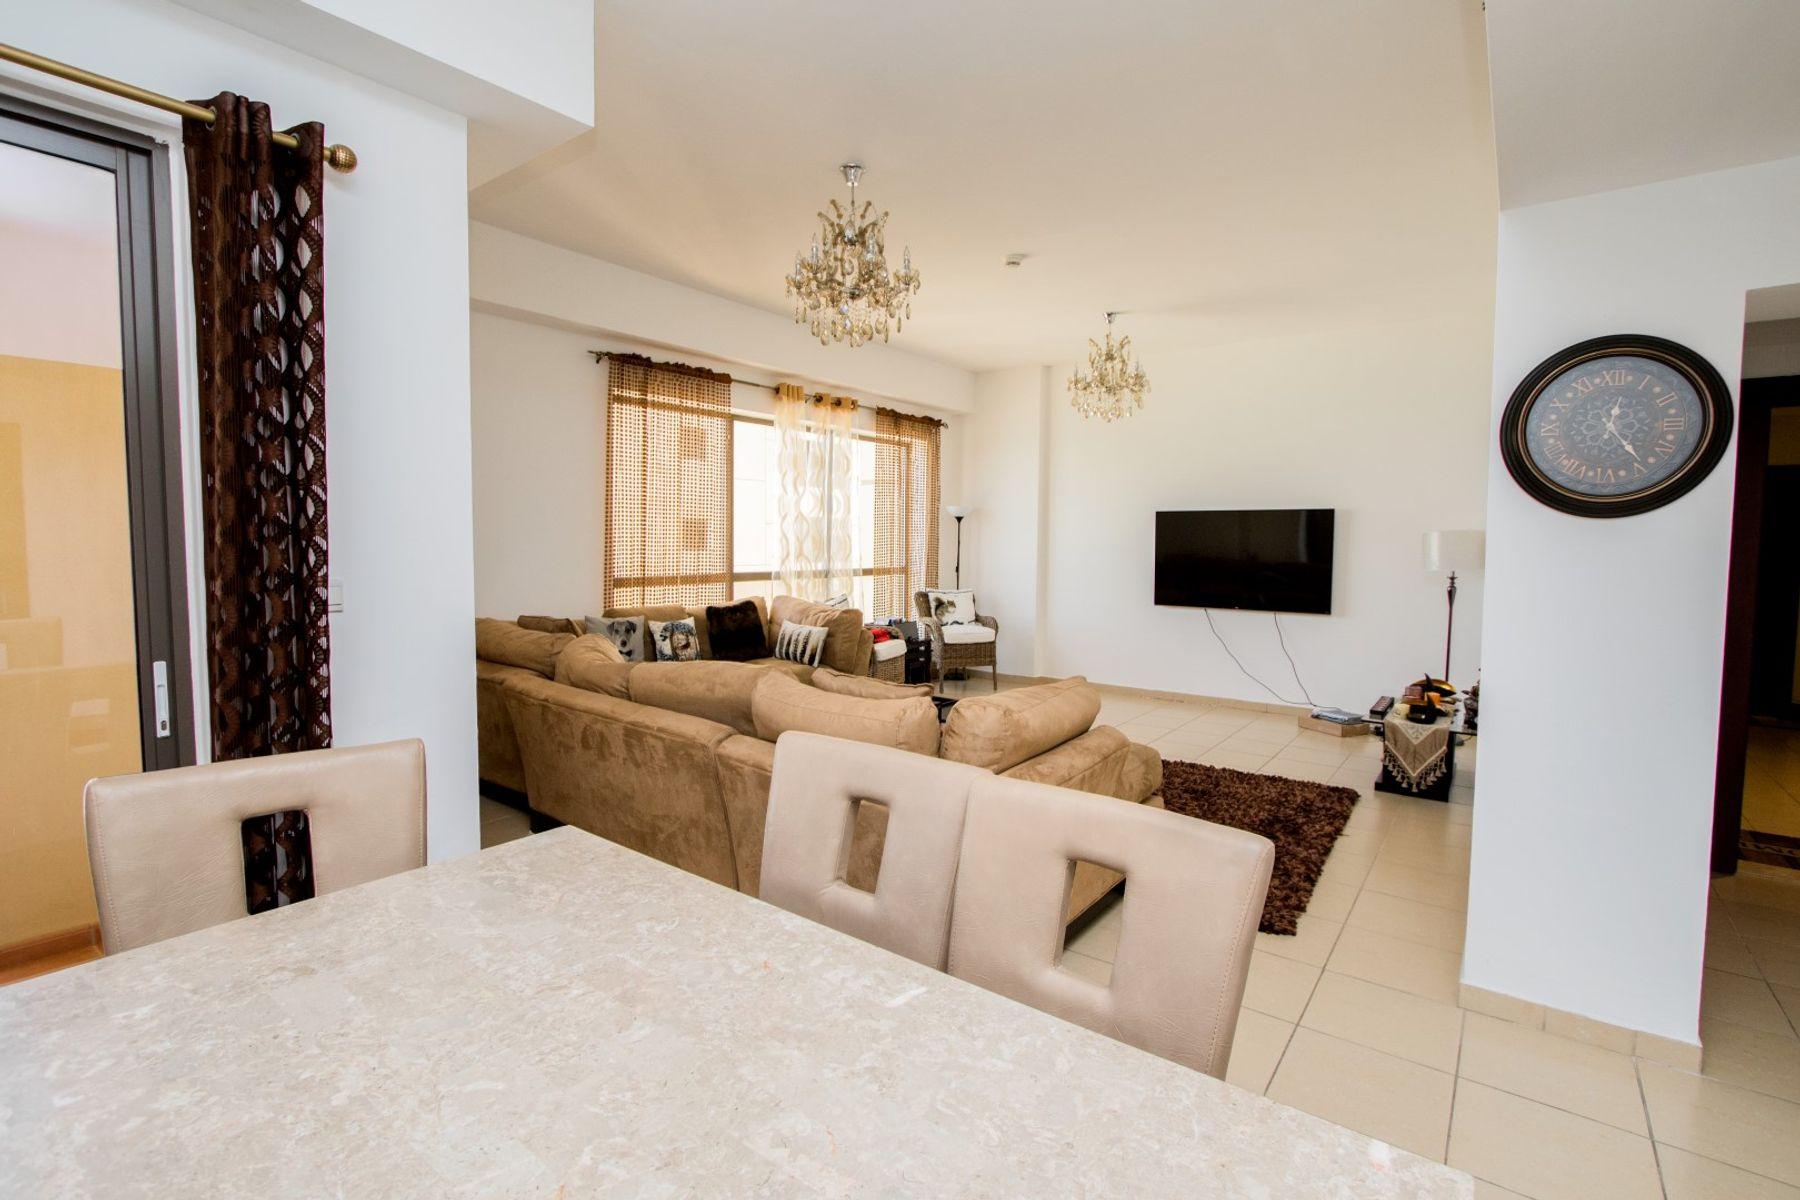 Full Sea View, Unique 3 Bedroom Apartment